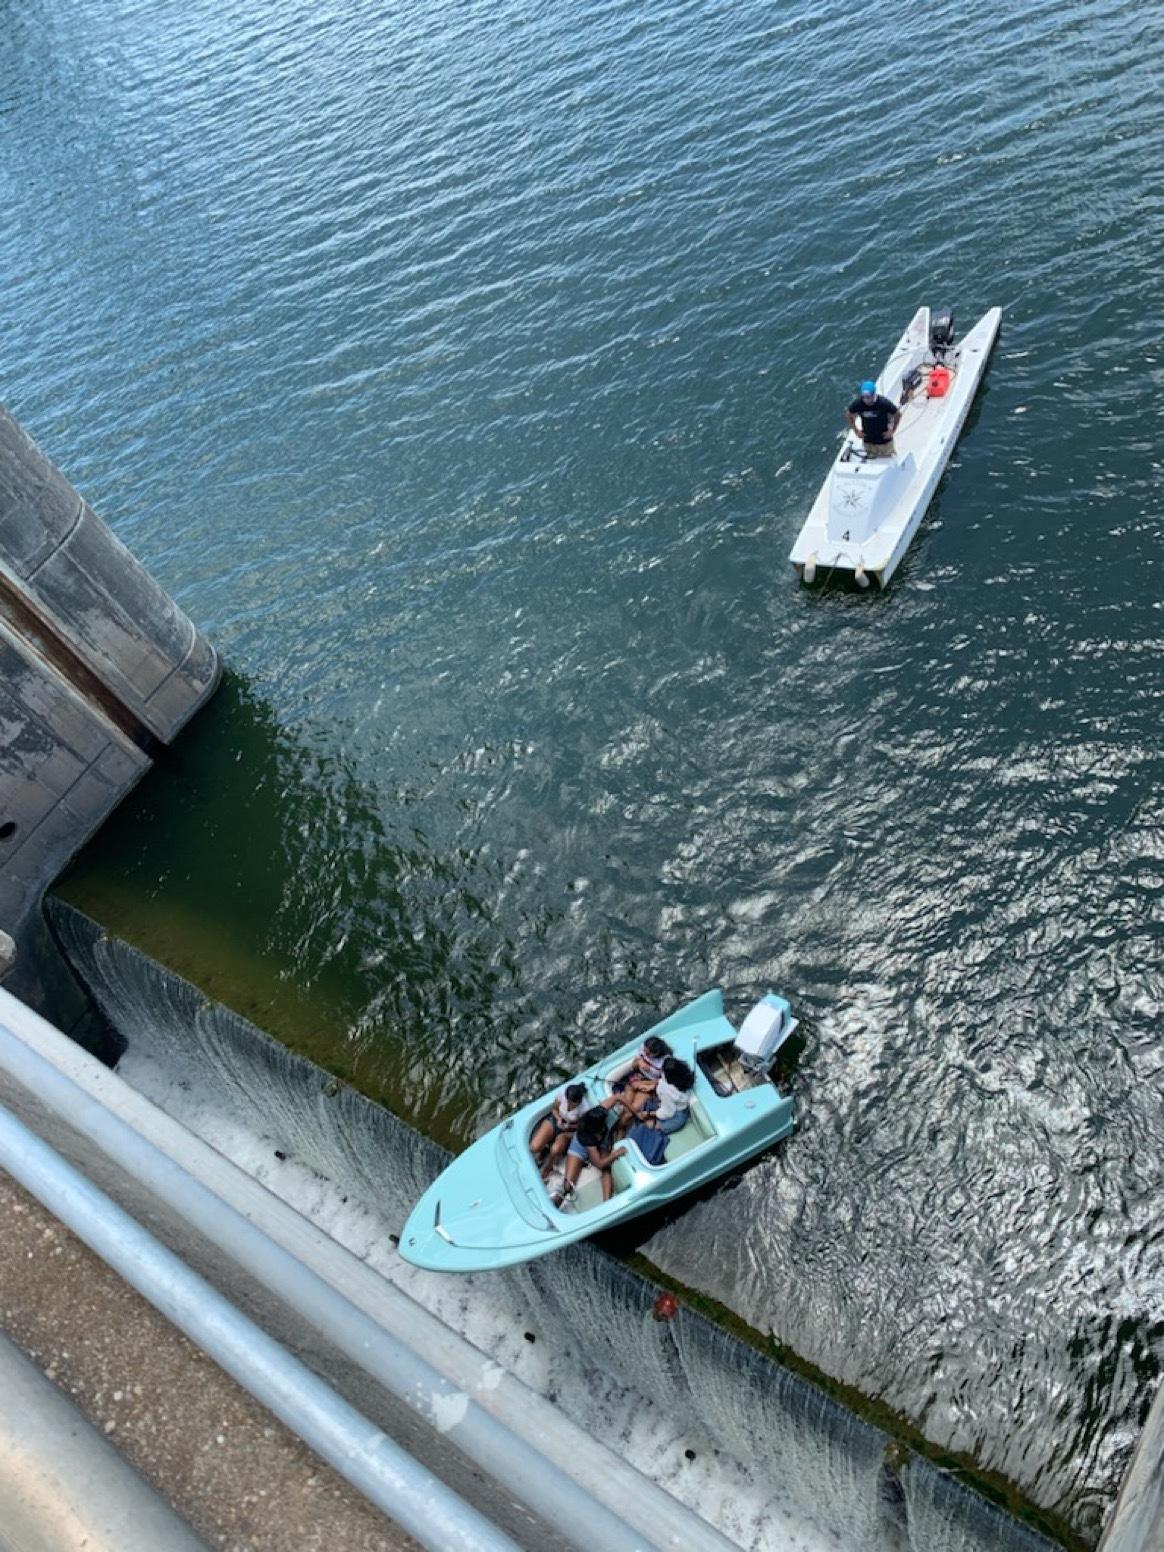 INCRÍVEL: Barco com 4 jovens fica preso e quase tomba em represa; Veja imagem